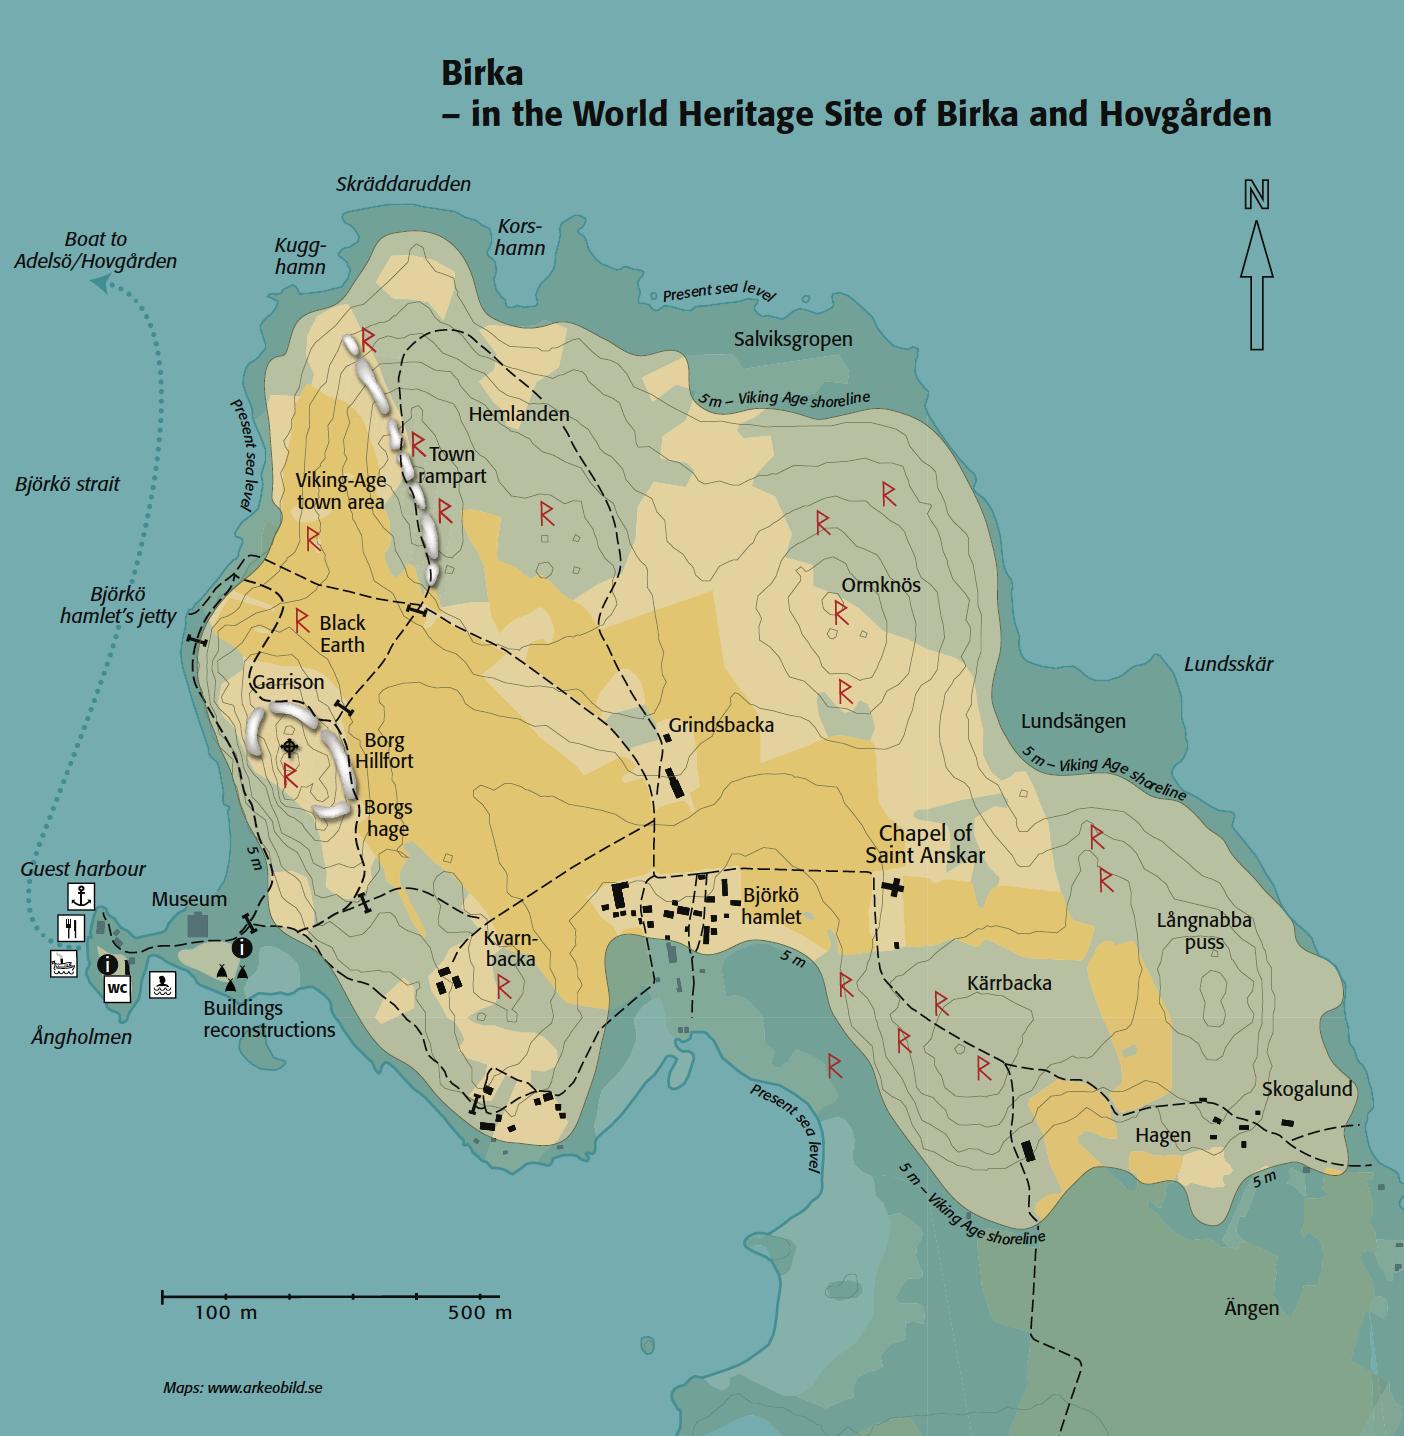 Karta till Birka, Riksantikvarieämbetet